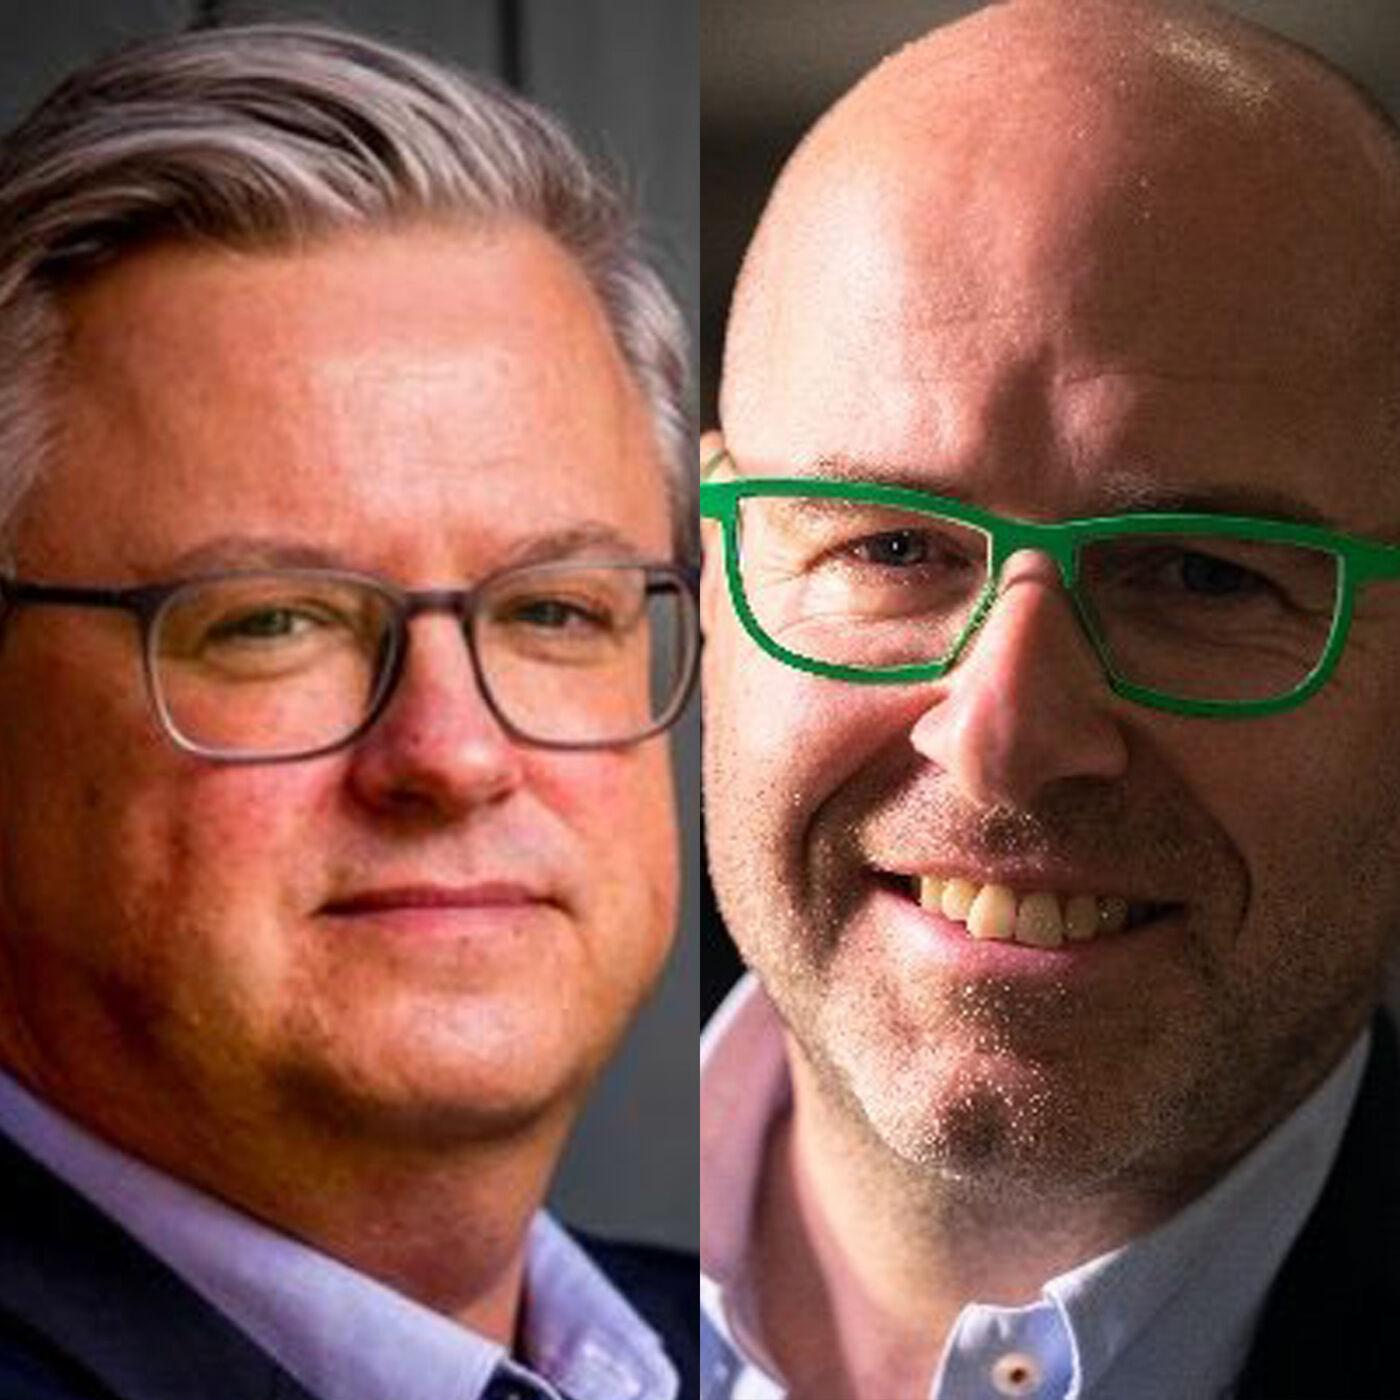 Drabbe en Devos: 'Het communautaire in de antipolitiek'